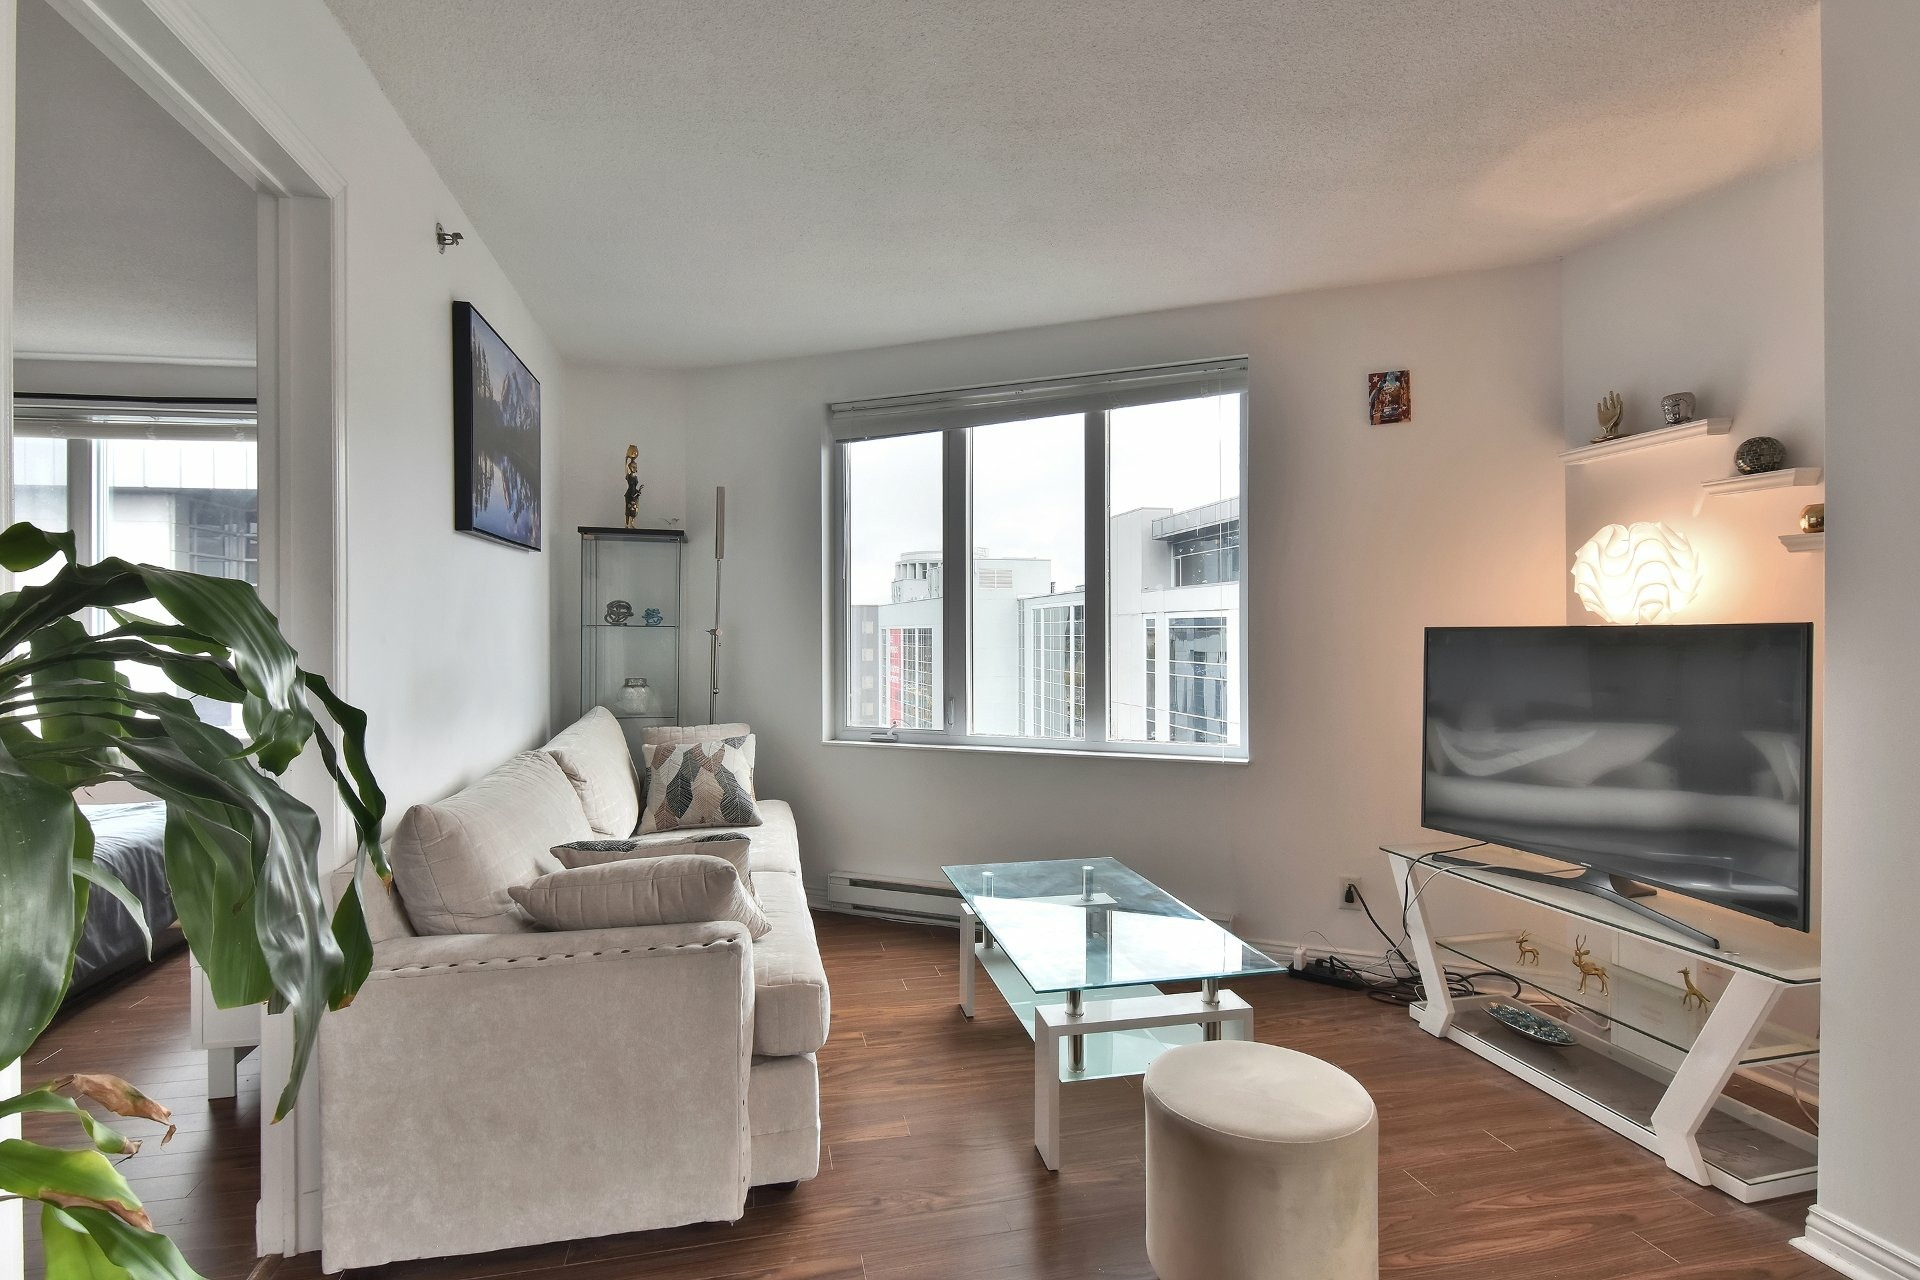 image 3 - Appartement À louer Montréal Ville-Marie  - 6 pièces